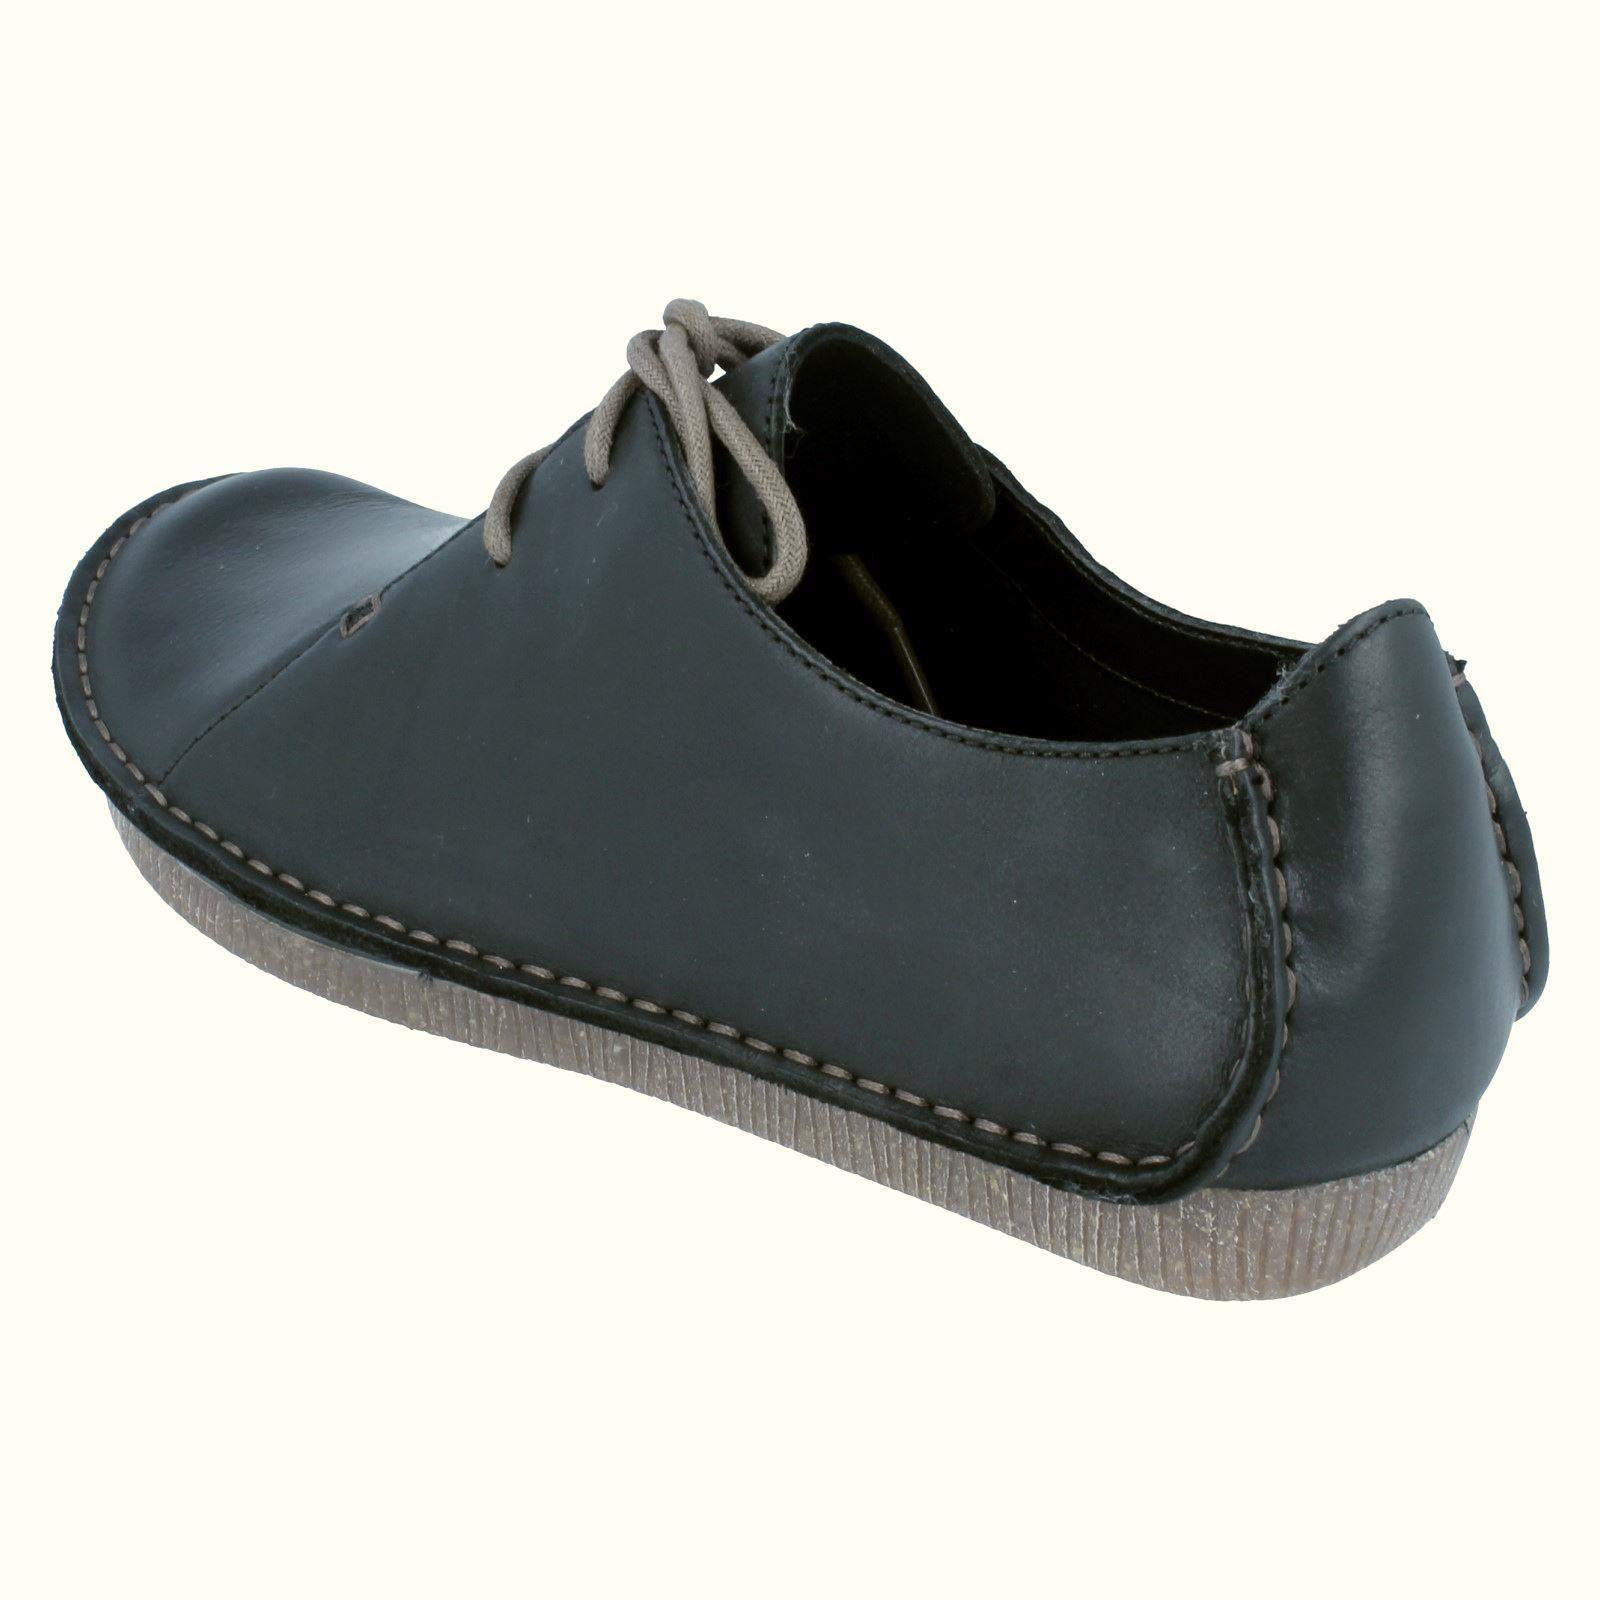 Hommes femmes Mesdames Mae clarks casual chaussures style-Janey Mae Mesdames Best-seller dans le monde entier Touche confortable Belle et charFemmete 5742a8